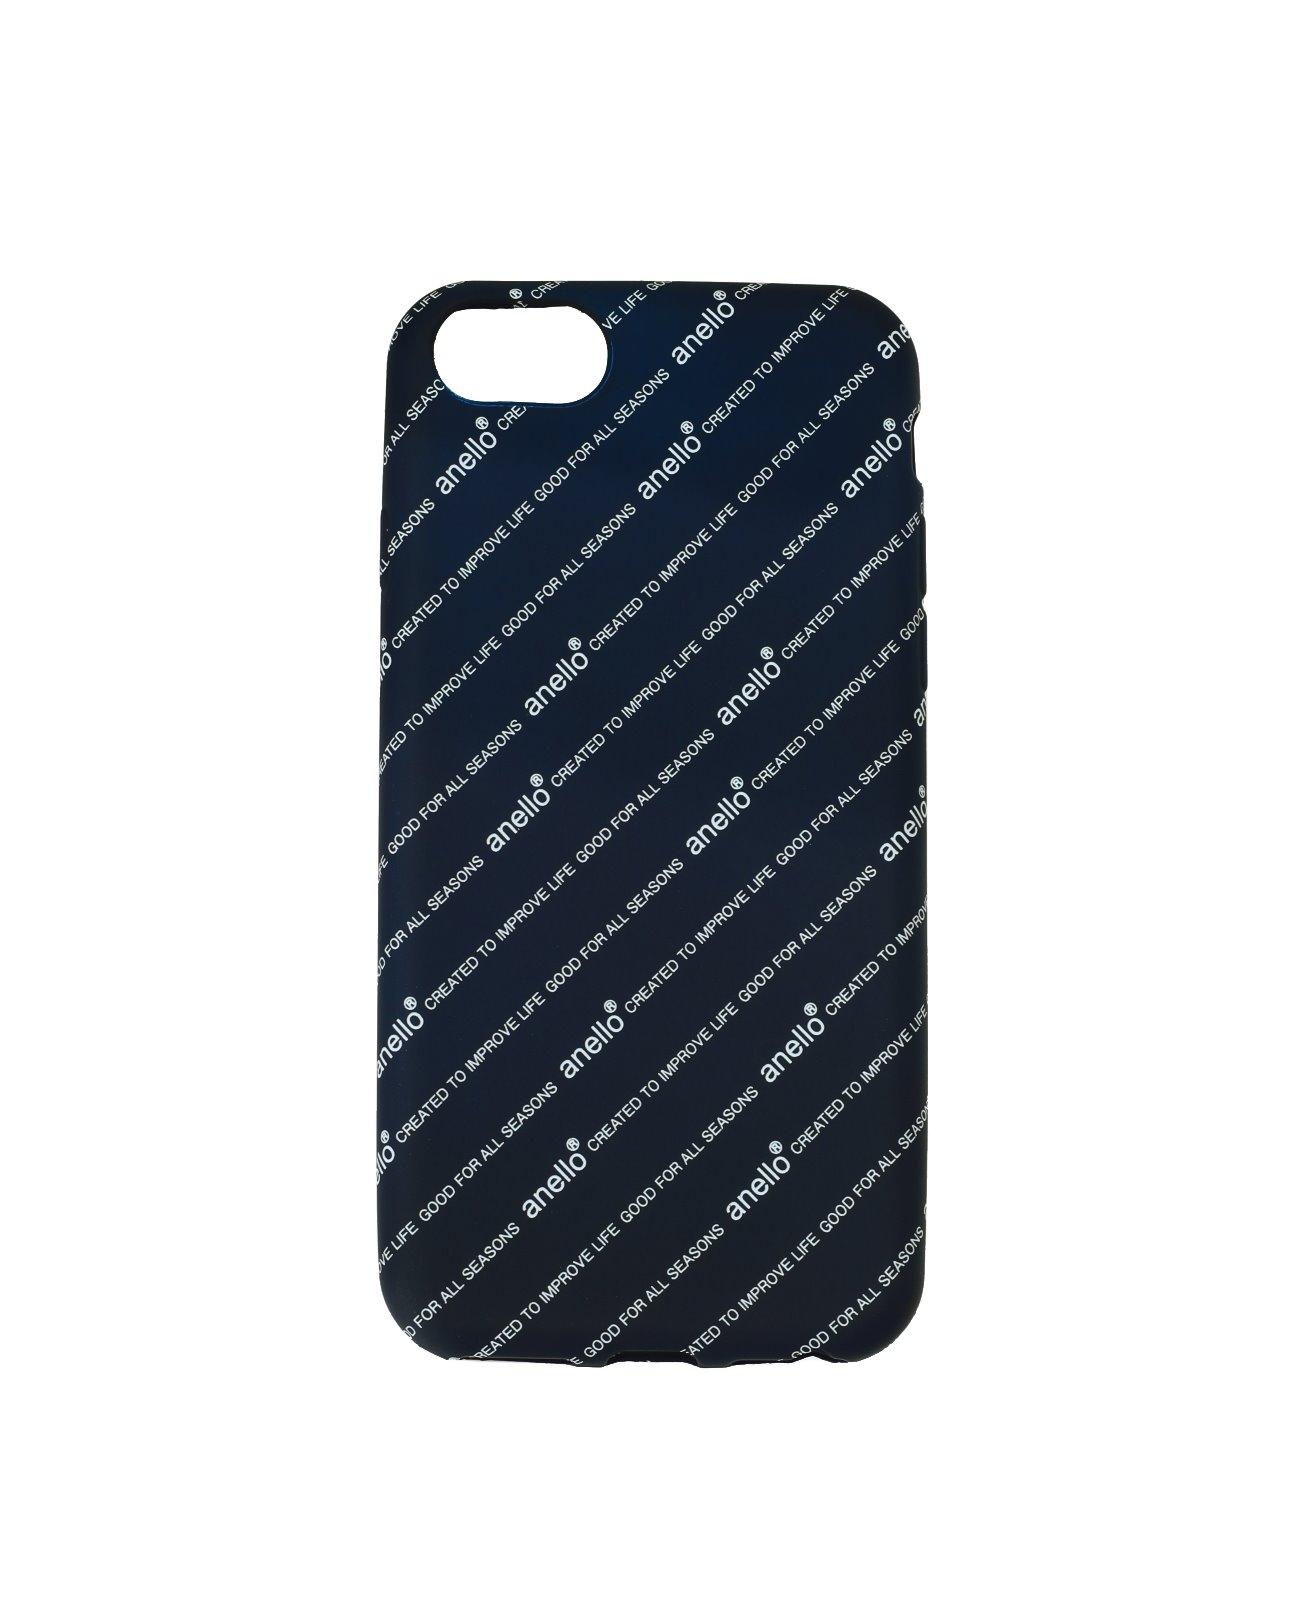 【日本オフィシャルストア限定アイテム】アネロロゴ総柄iPhoneケース